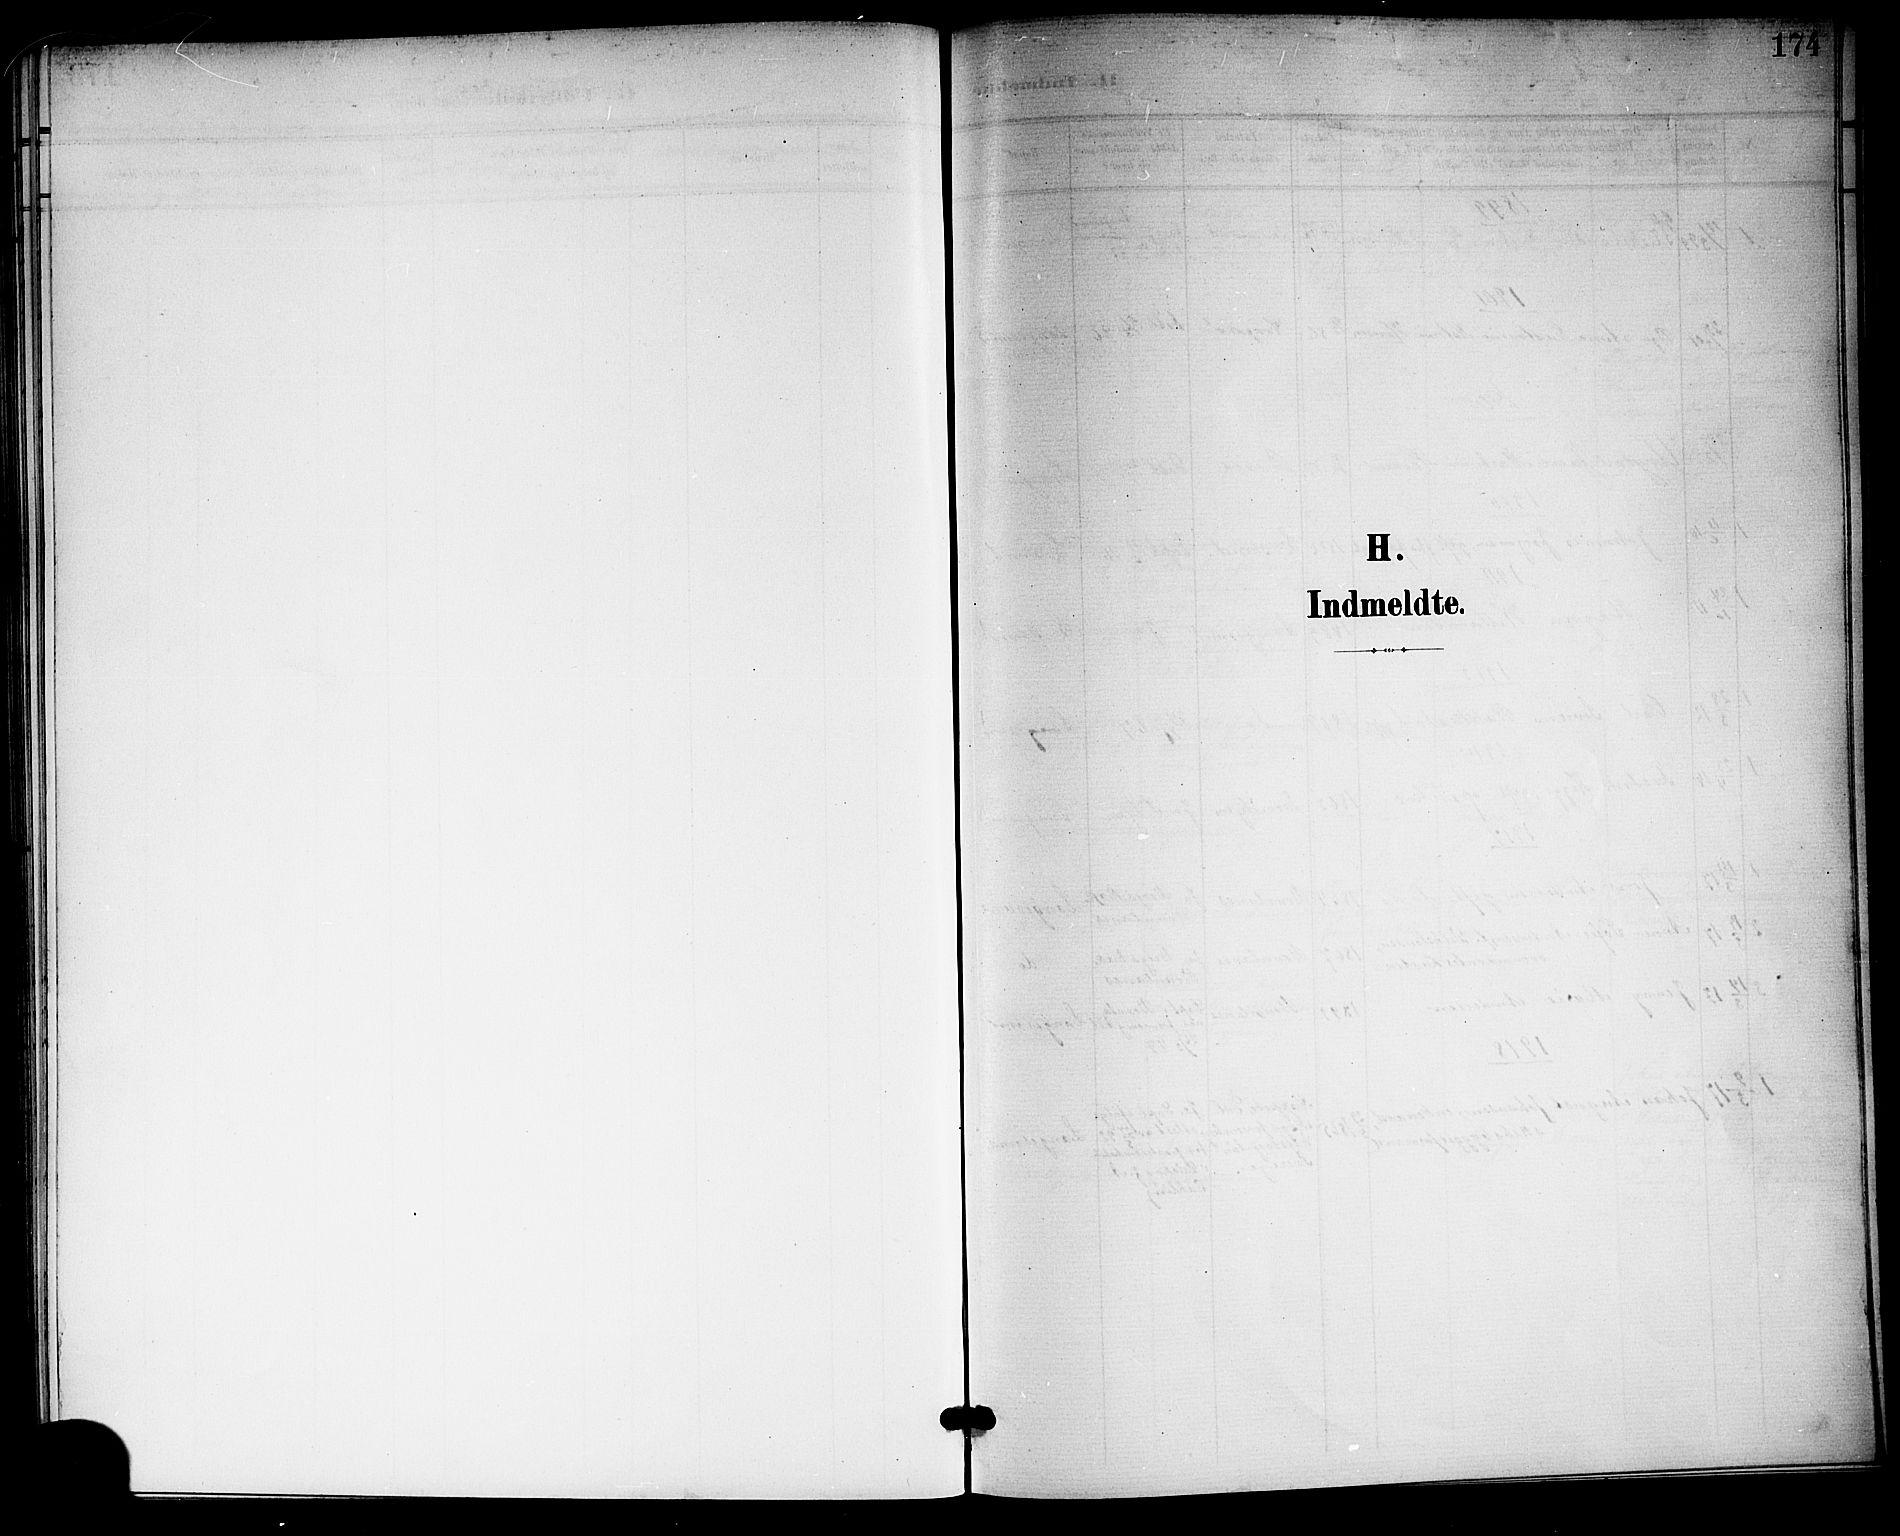 SAKO, Langesund kirkebøker, G/Ga/L0006: Klokkerbok nr. 6, 1899-1918, s. 174